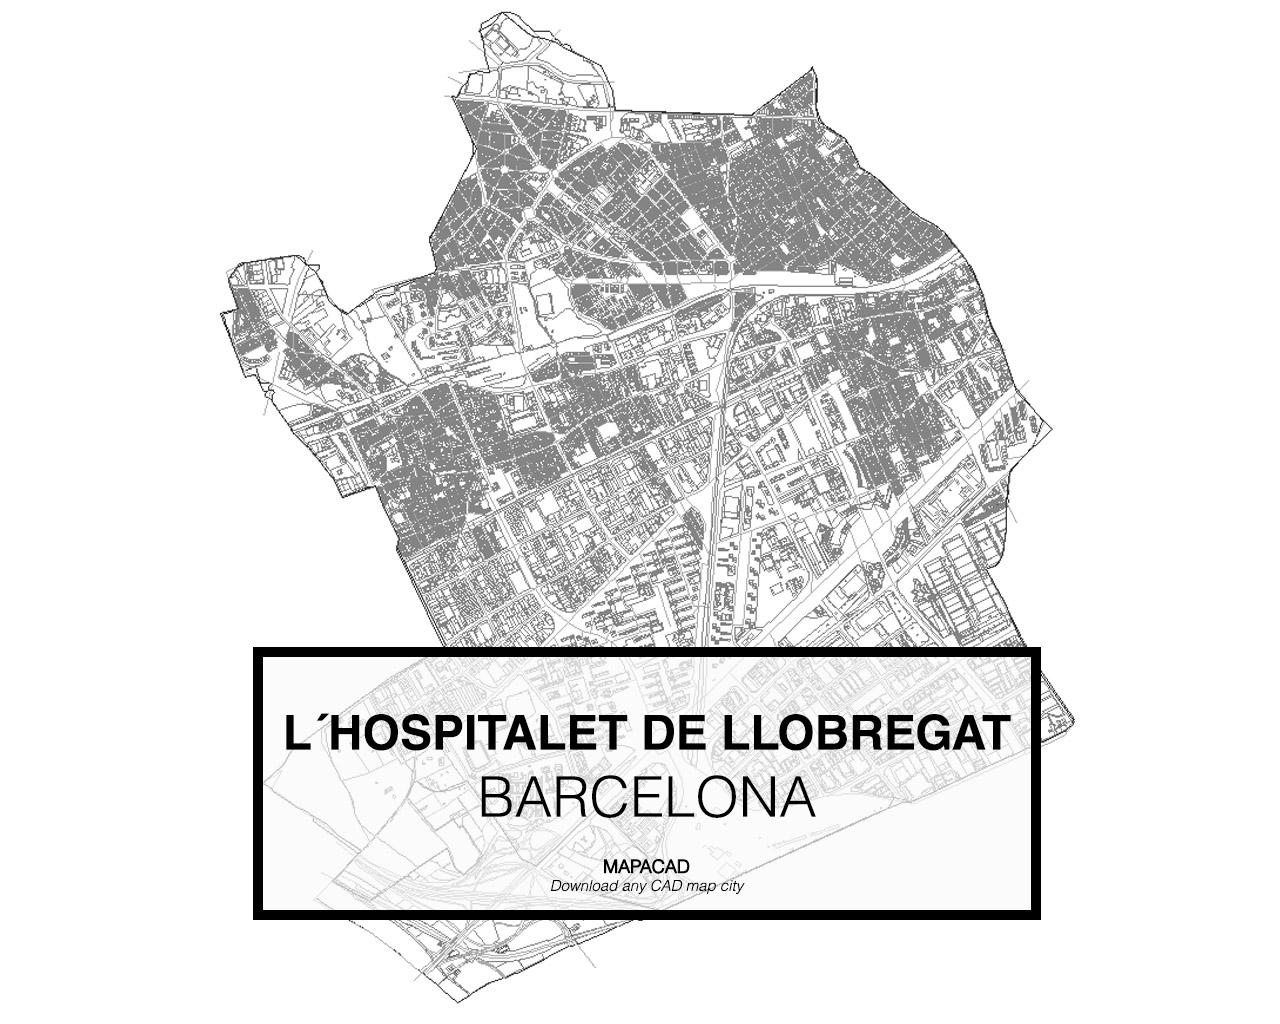 Mapa De L Hospitalet.L Hospitalet De Llobregat